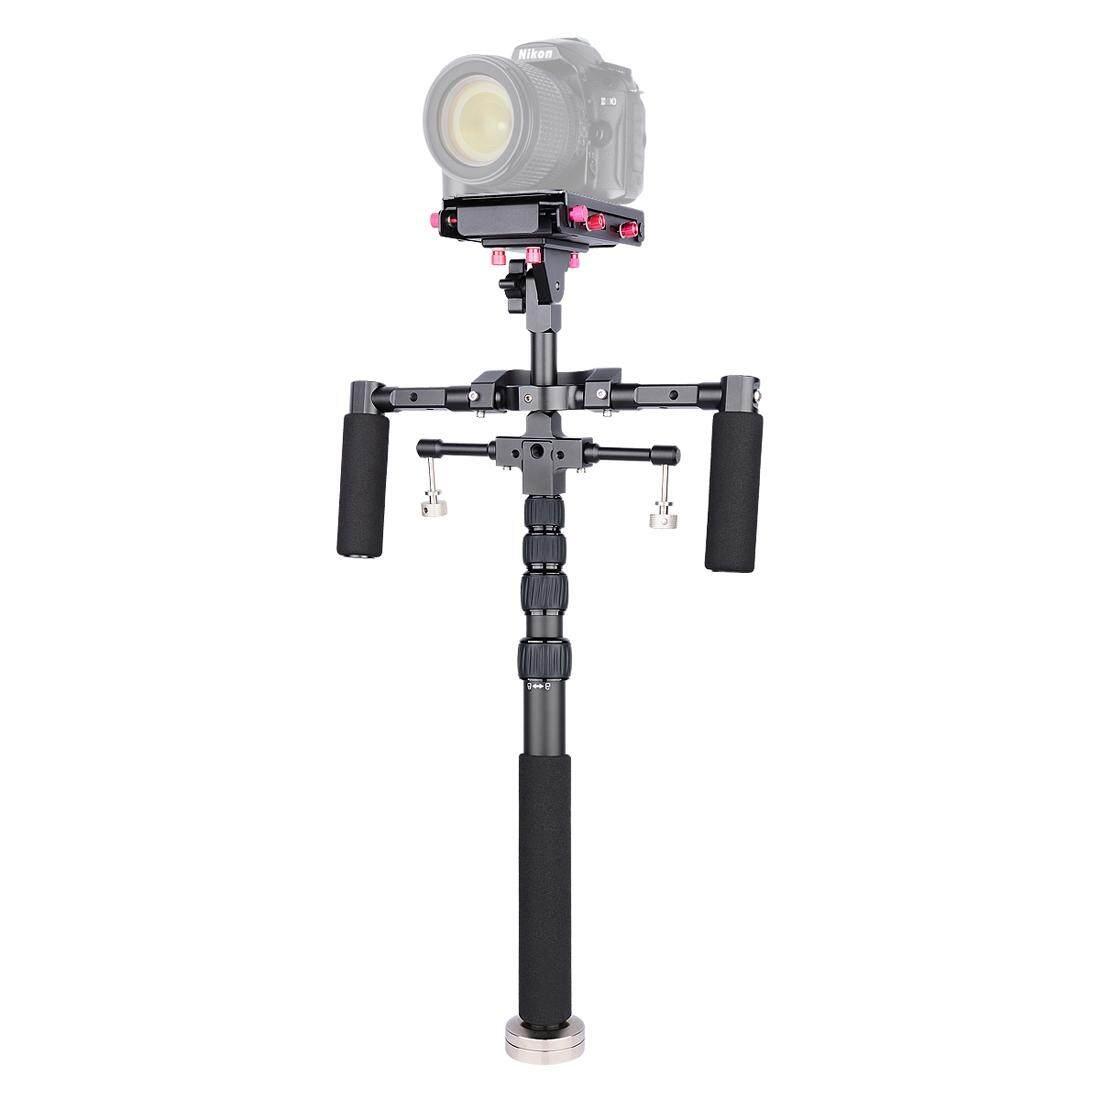 Yelangu S300 4 In 1 Multifungsi Rig + Dual Genggam Bahu Rig + Monopod + Stabilizer untuk Canon, SONY, Panasonic, Nikon DSLR dan Mirrorless Kamera